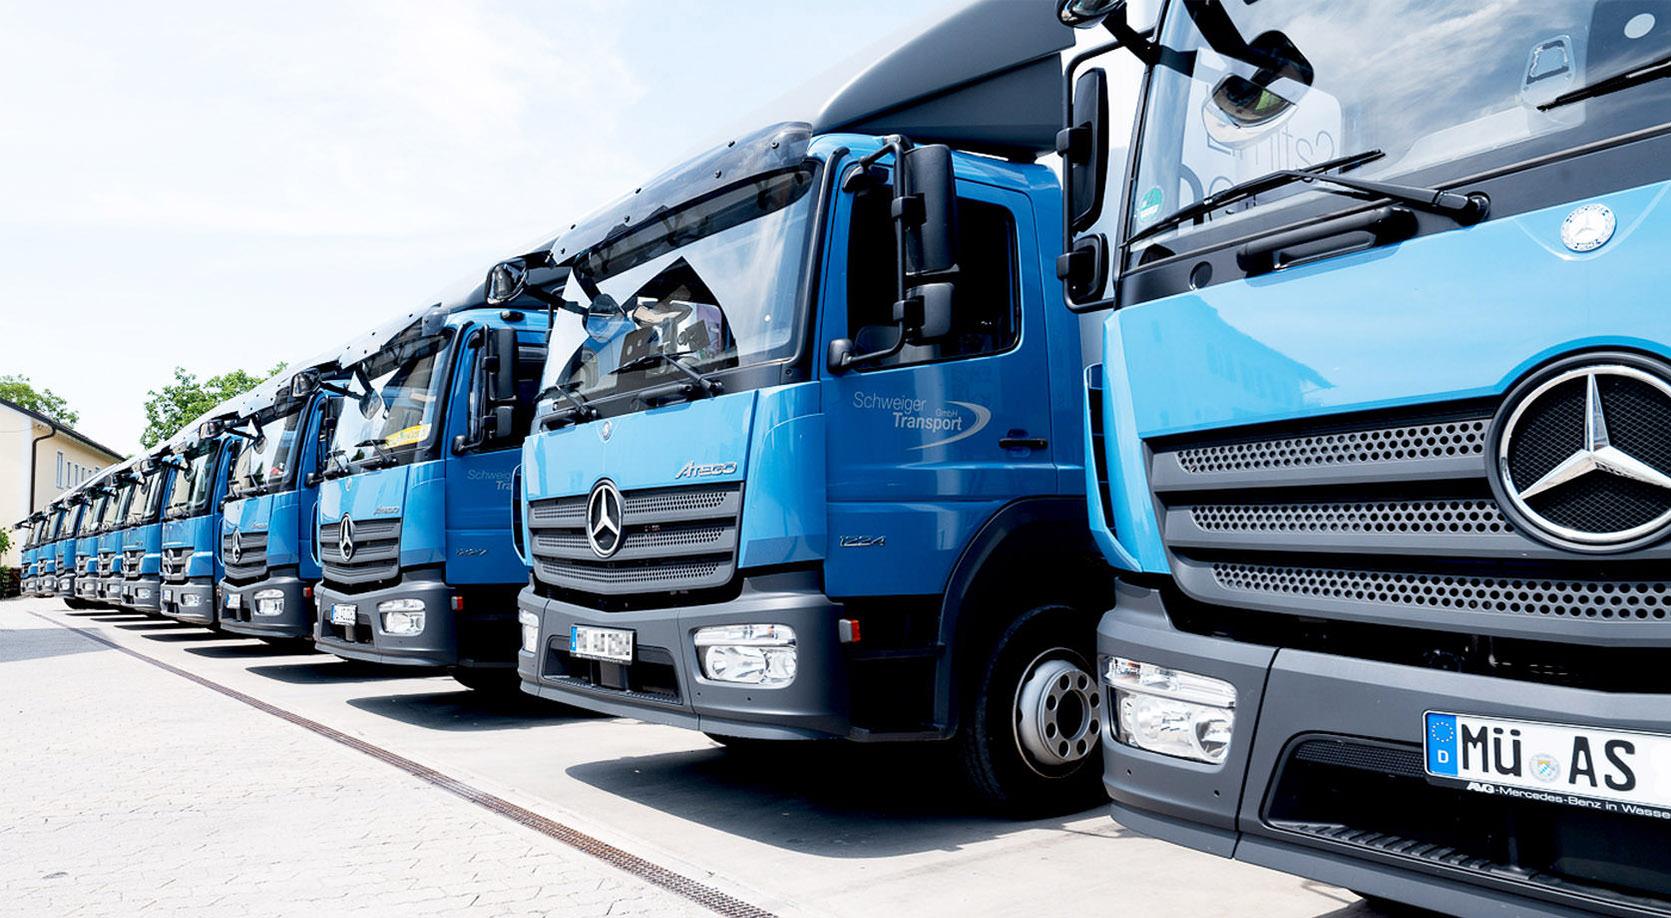 Schweiger Transport GmbH - Speditions- und Logistikunternehmen - Fuhrpark